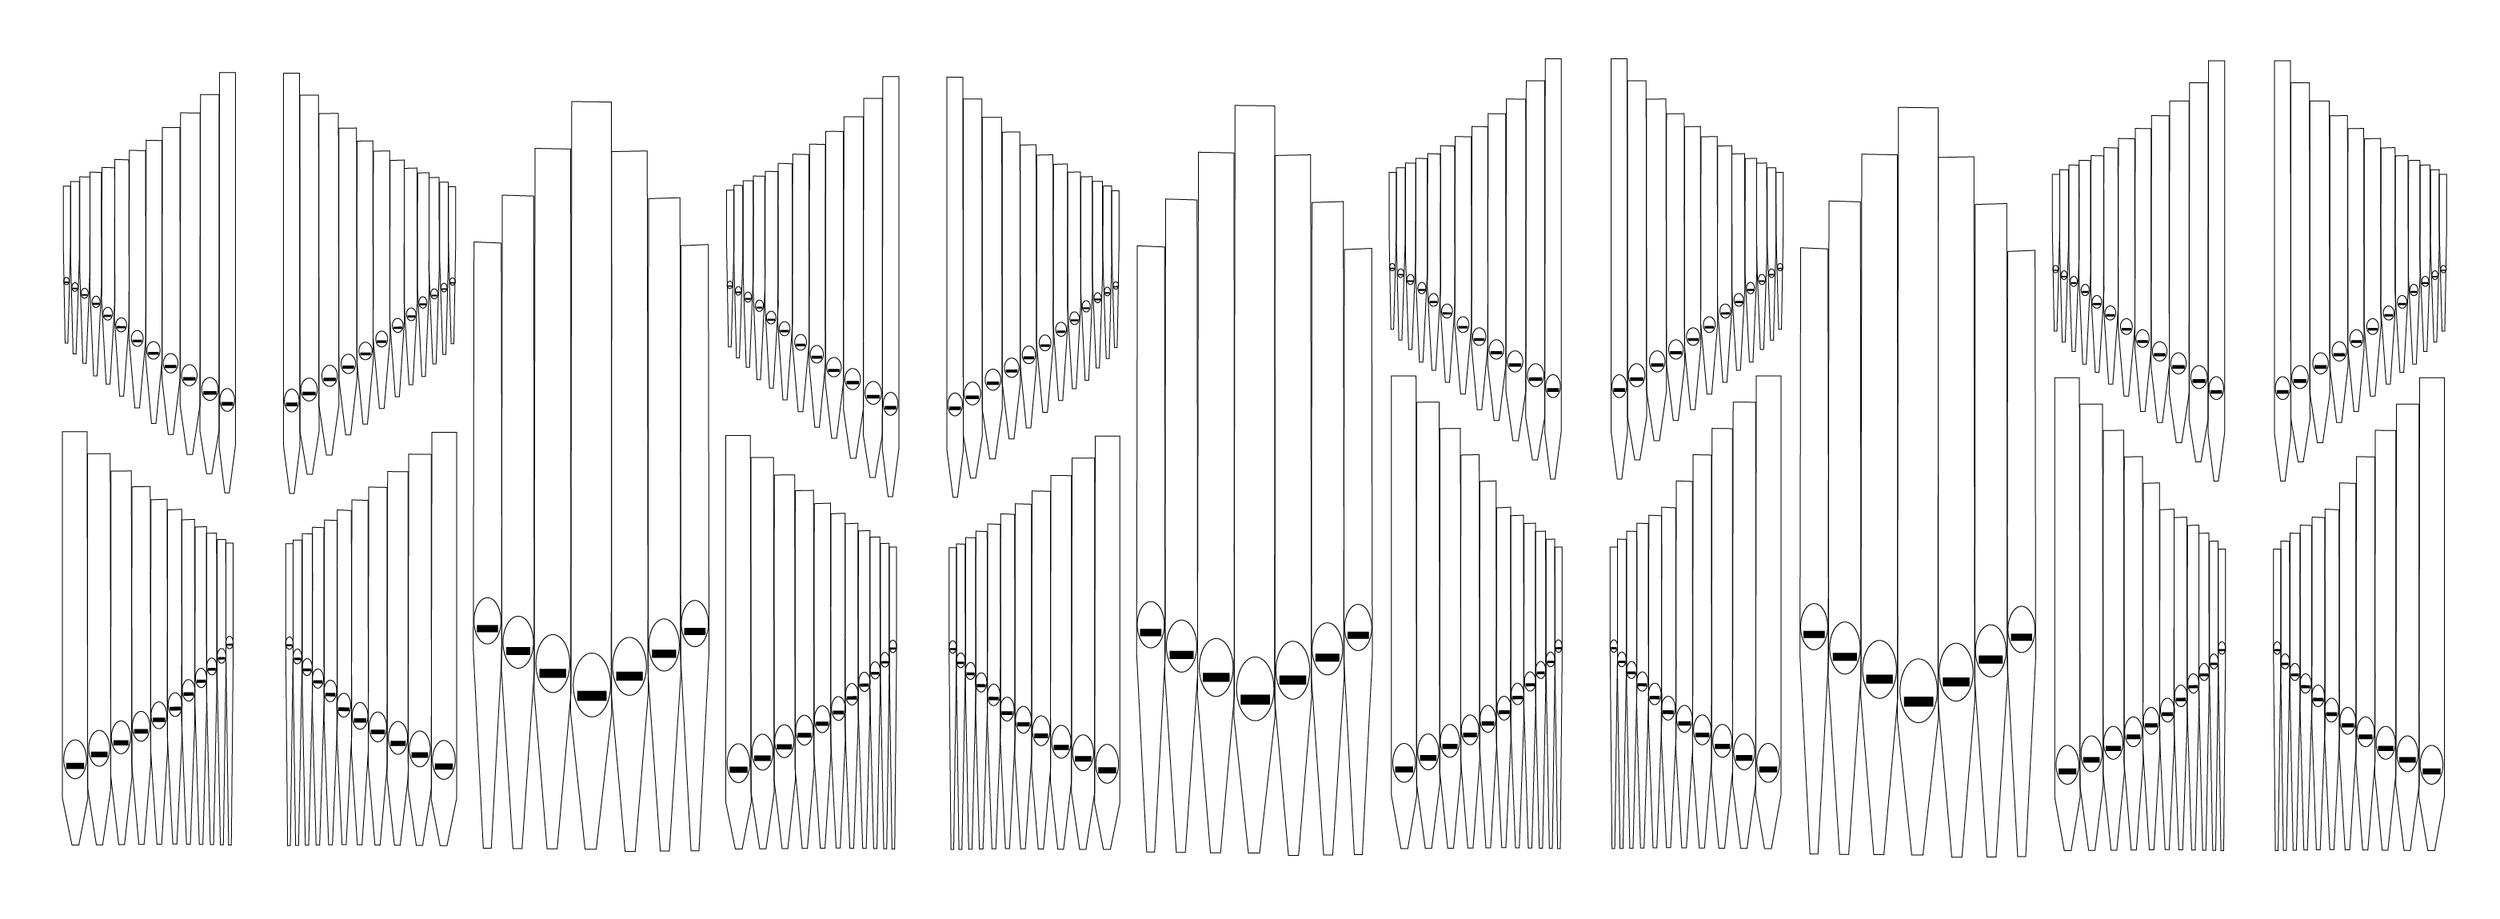 organ1-07.png